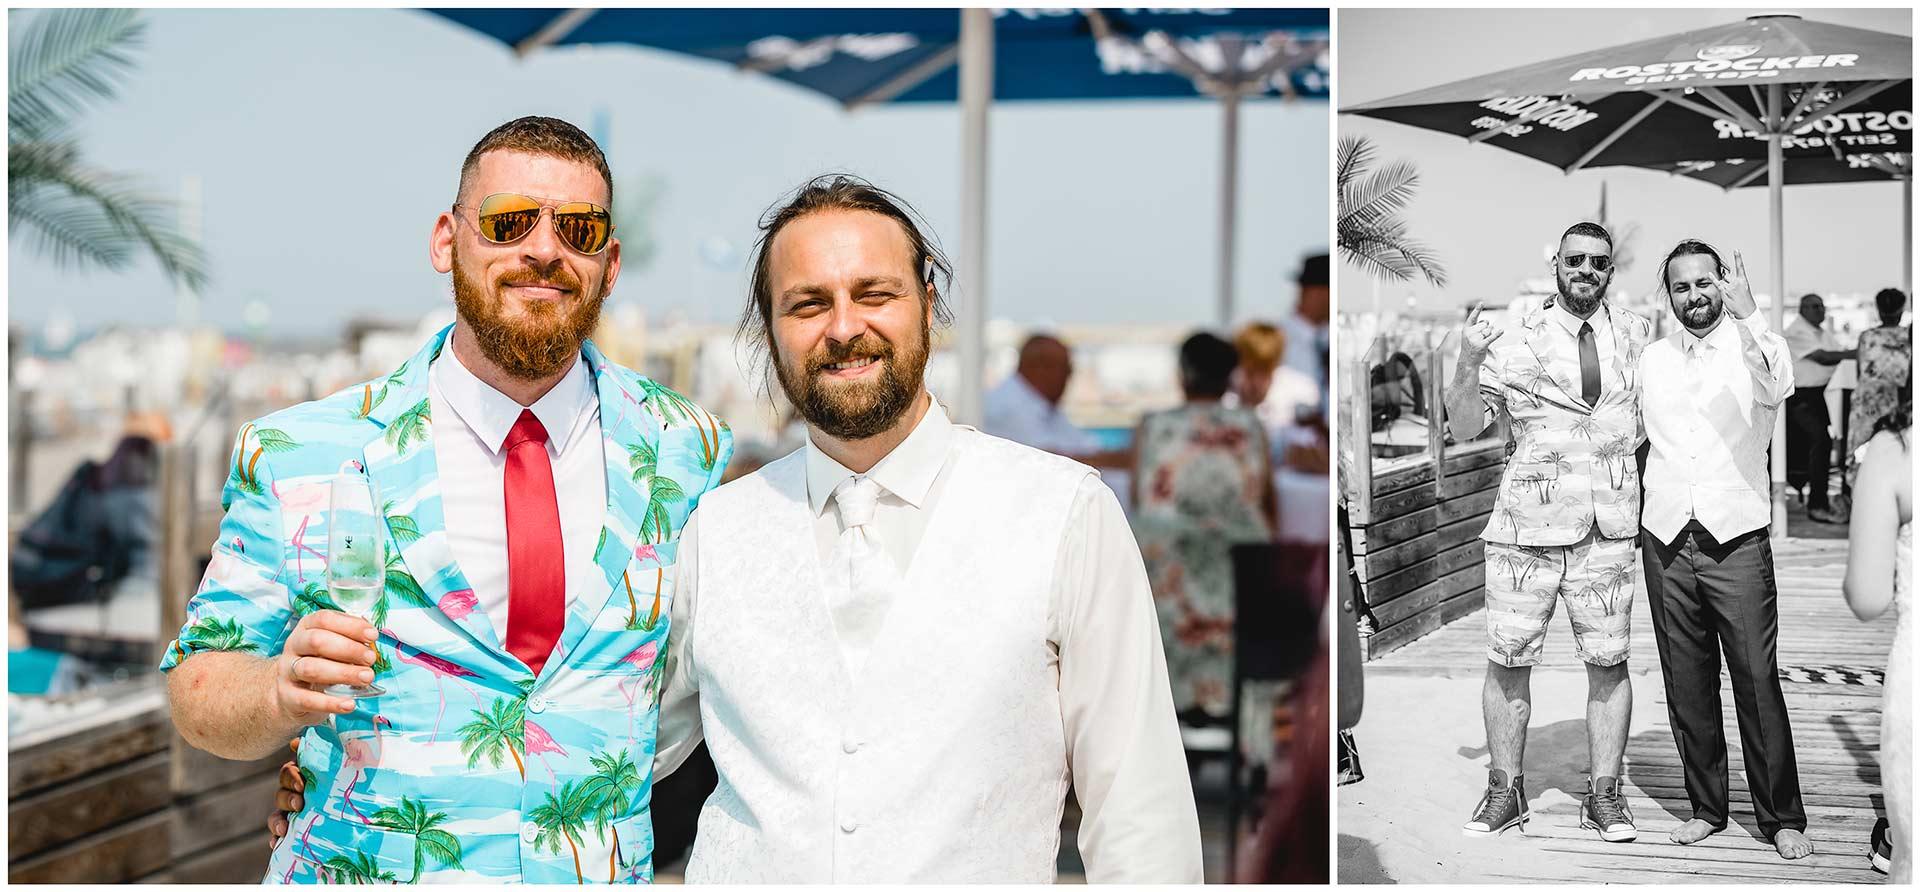 Braeutigam-zusammen-mi- Bruder-der-Braut-Hochzeit-am-Strand-Hochzeitsfotograf-Warnemuende-Hochzeitsfotograf-Rostock-Hochzeitsfotograf-Ostseebad-Warnemuende